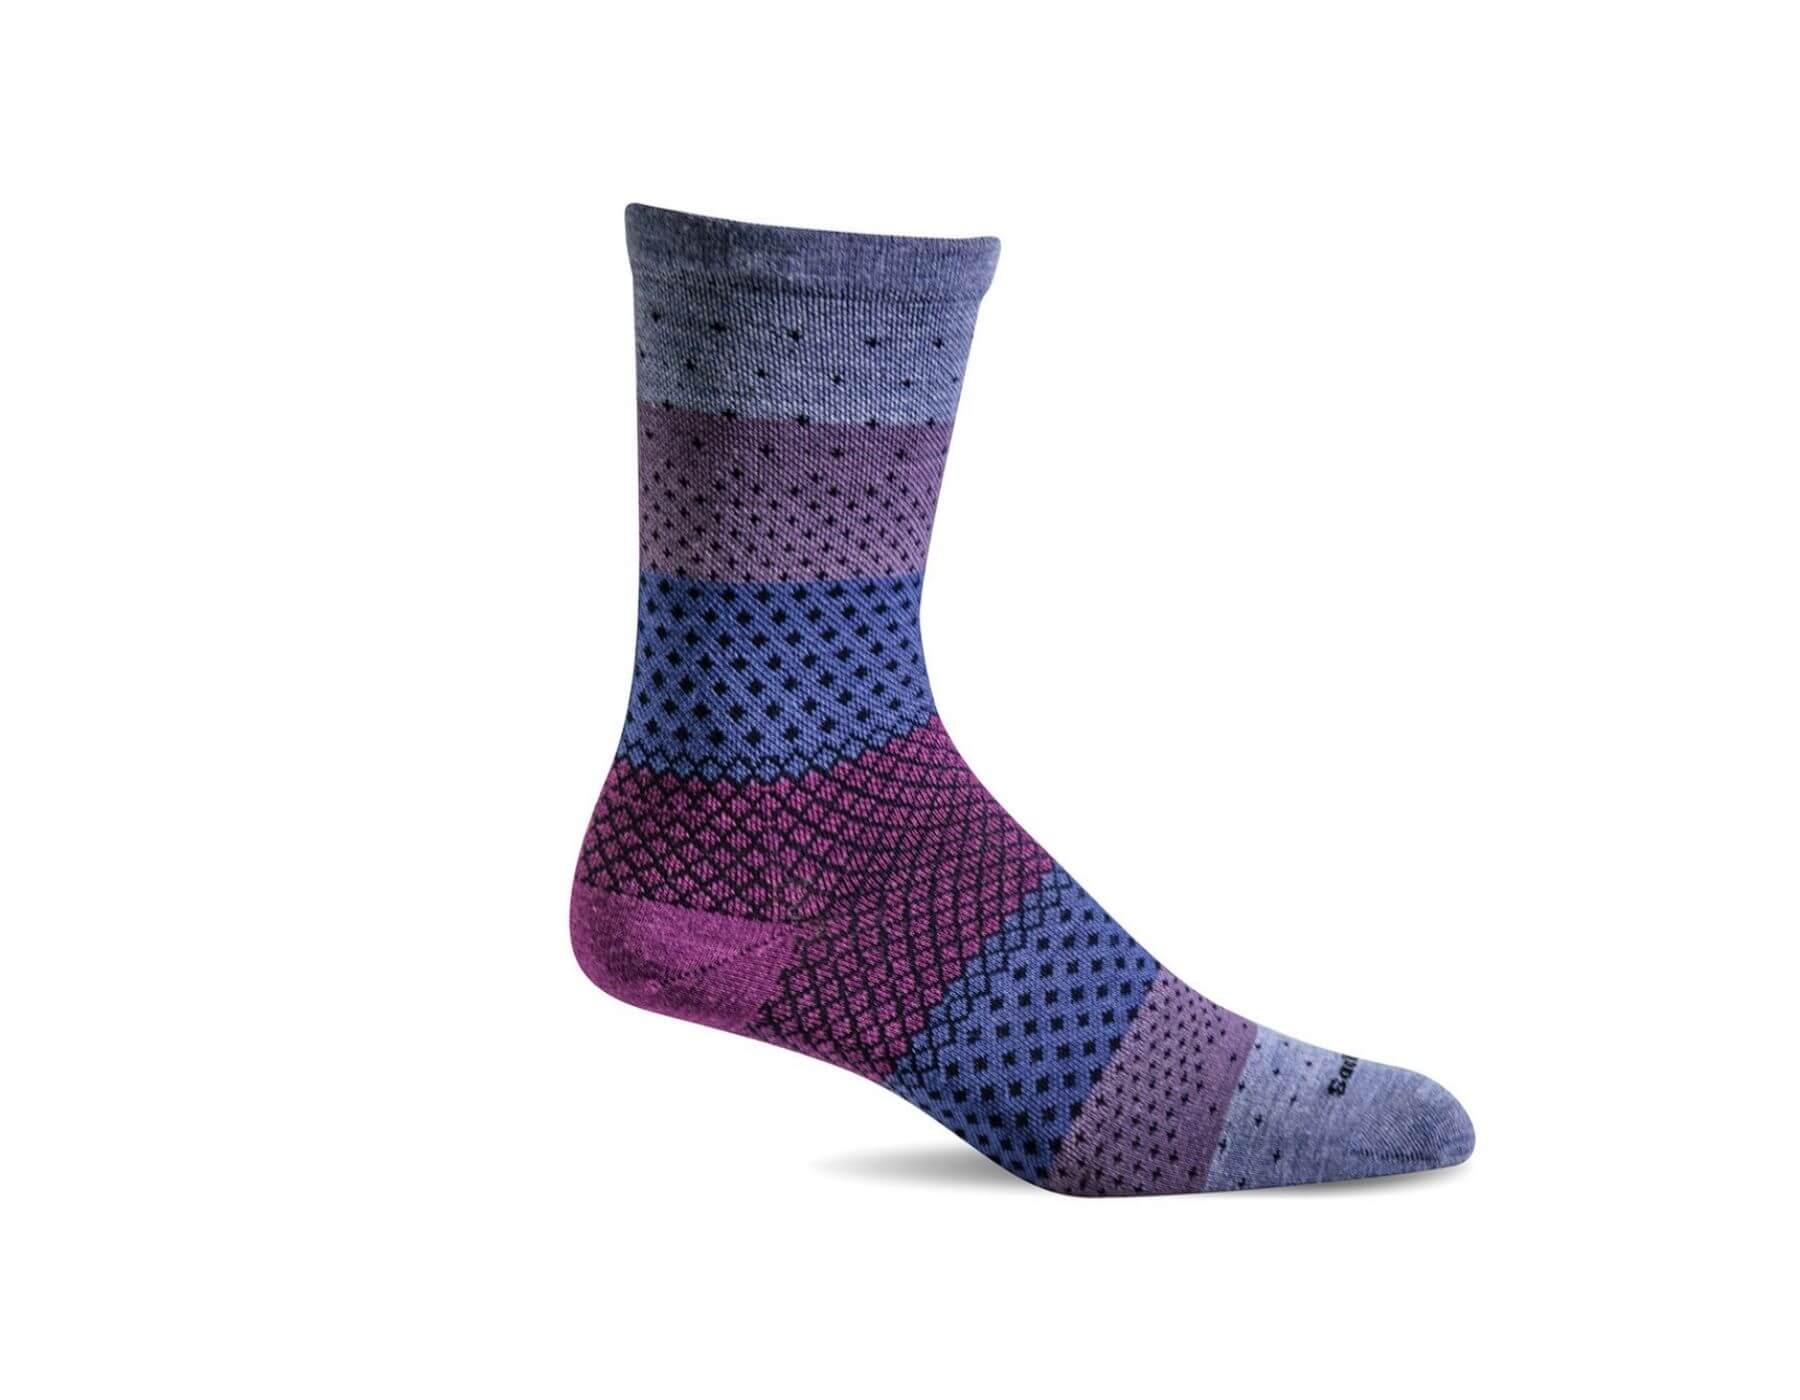 Plantar Ease Damen - Fersensporn-Socken - Violett